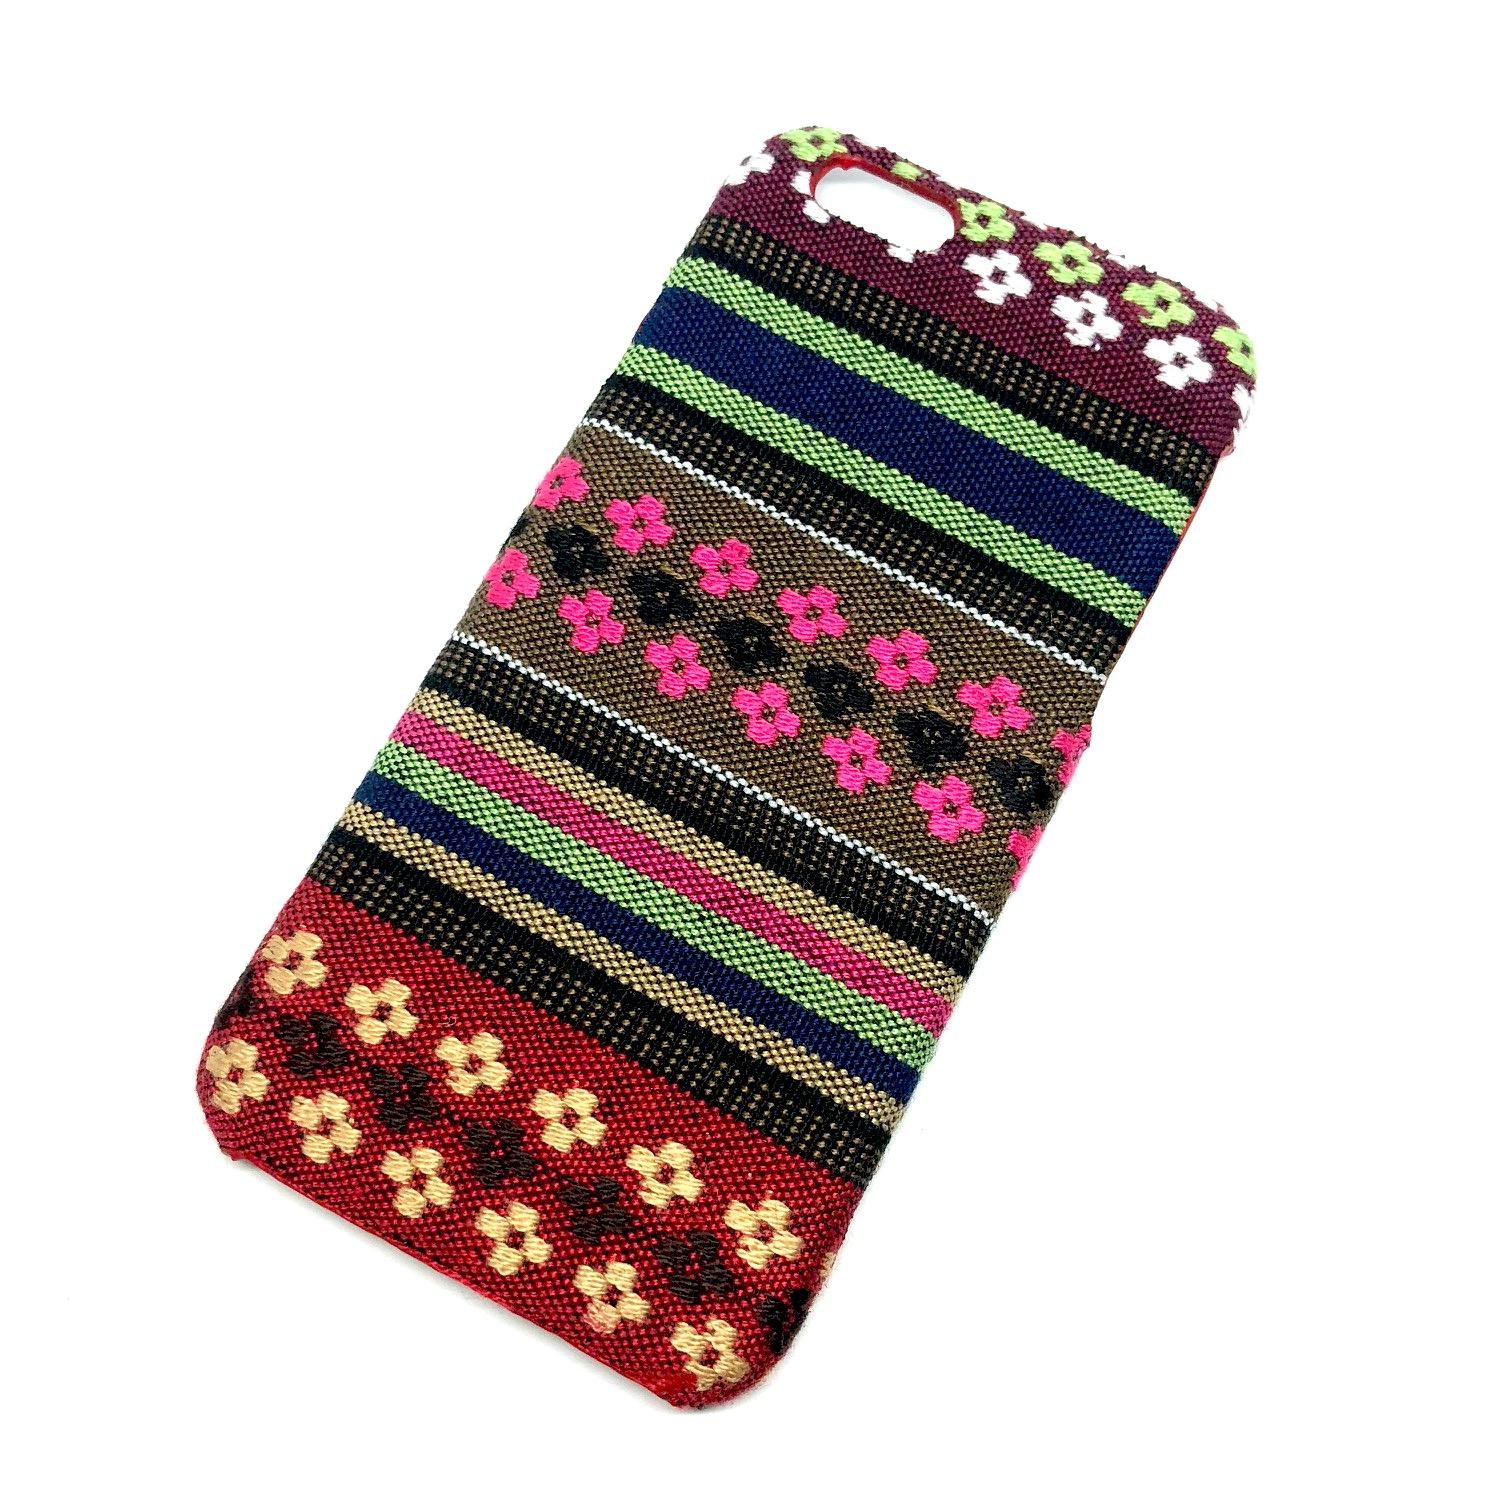 iPhone 7-8 Marokko stof cover model 4